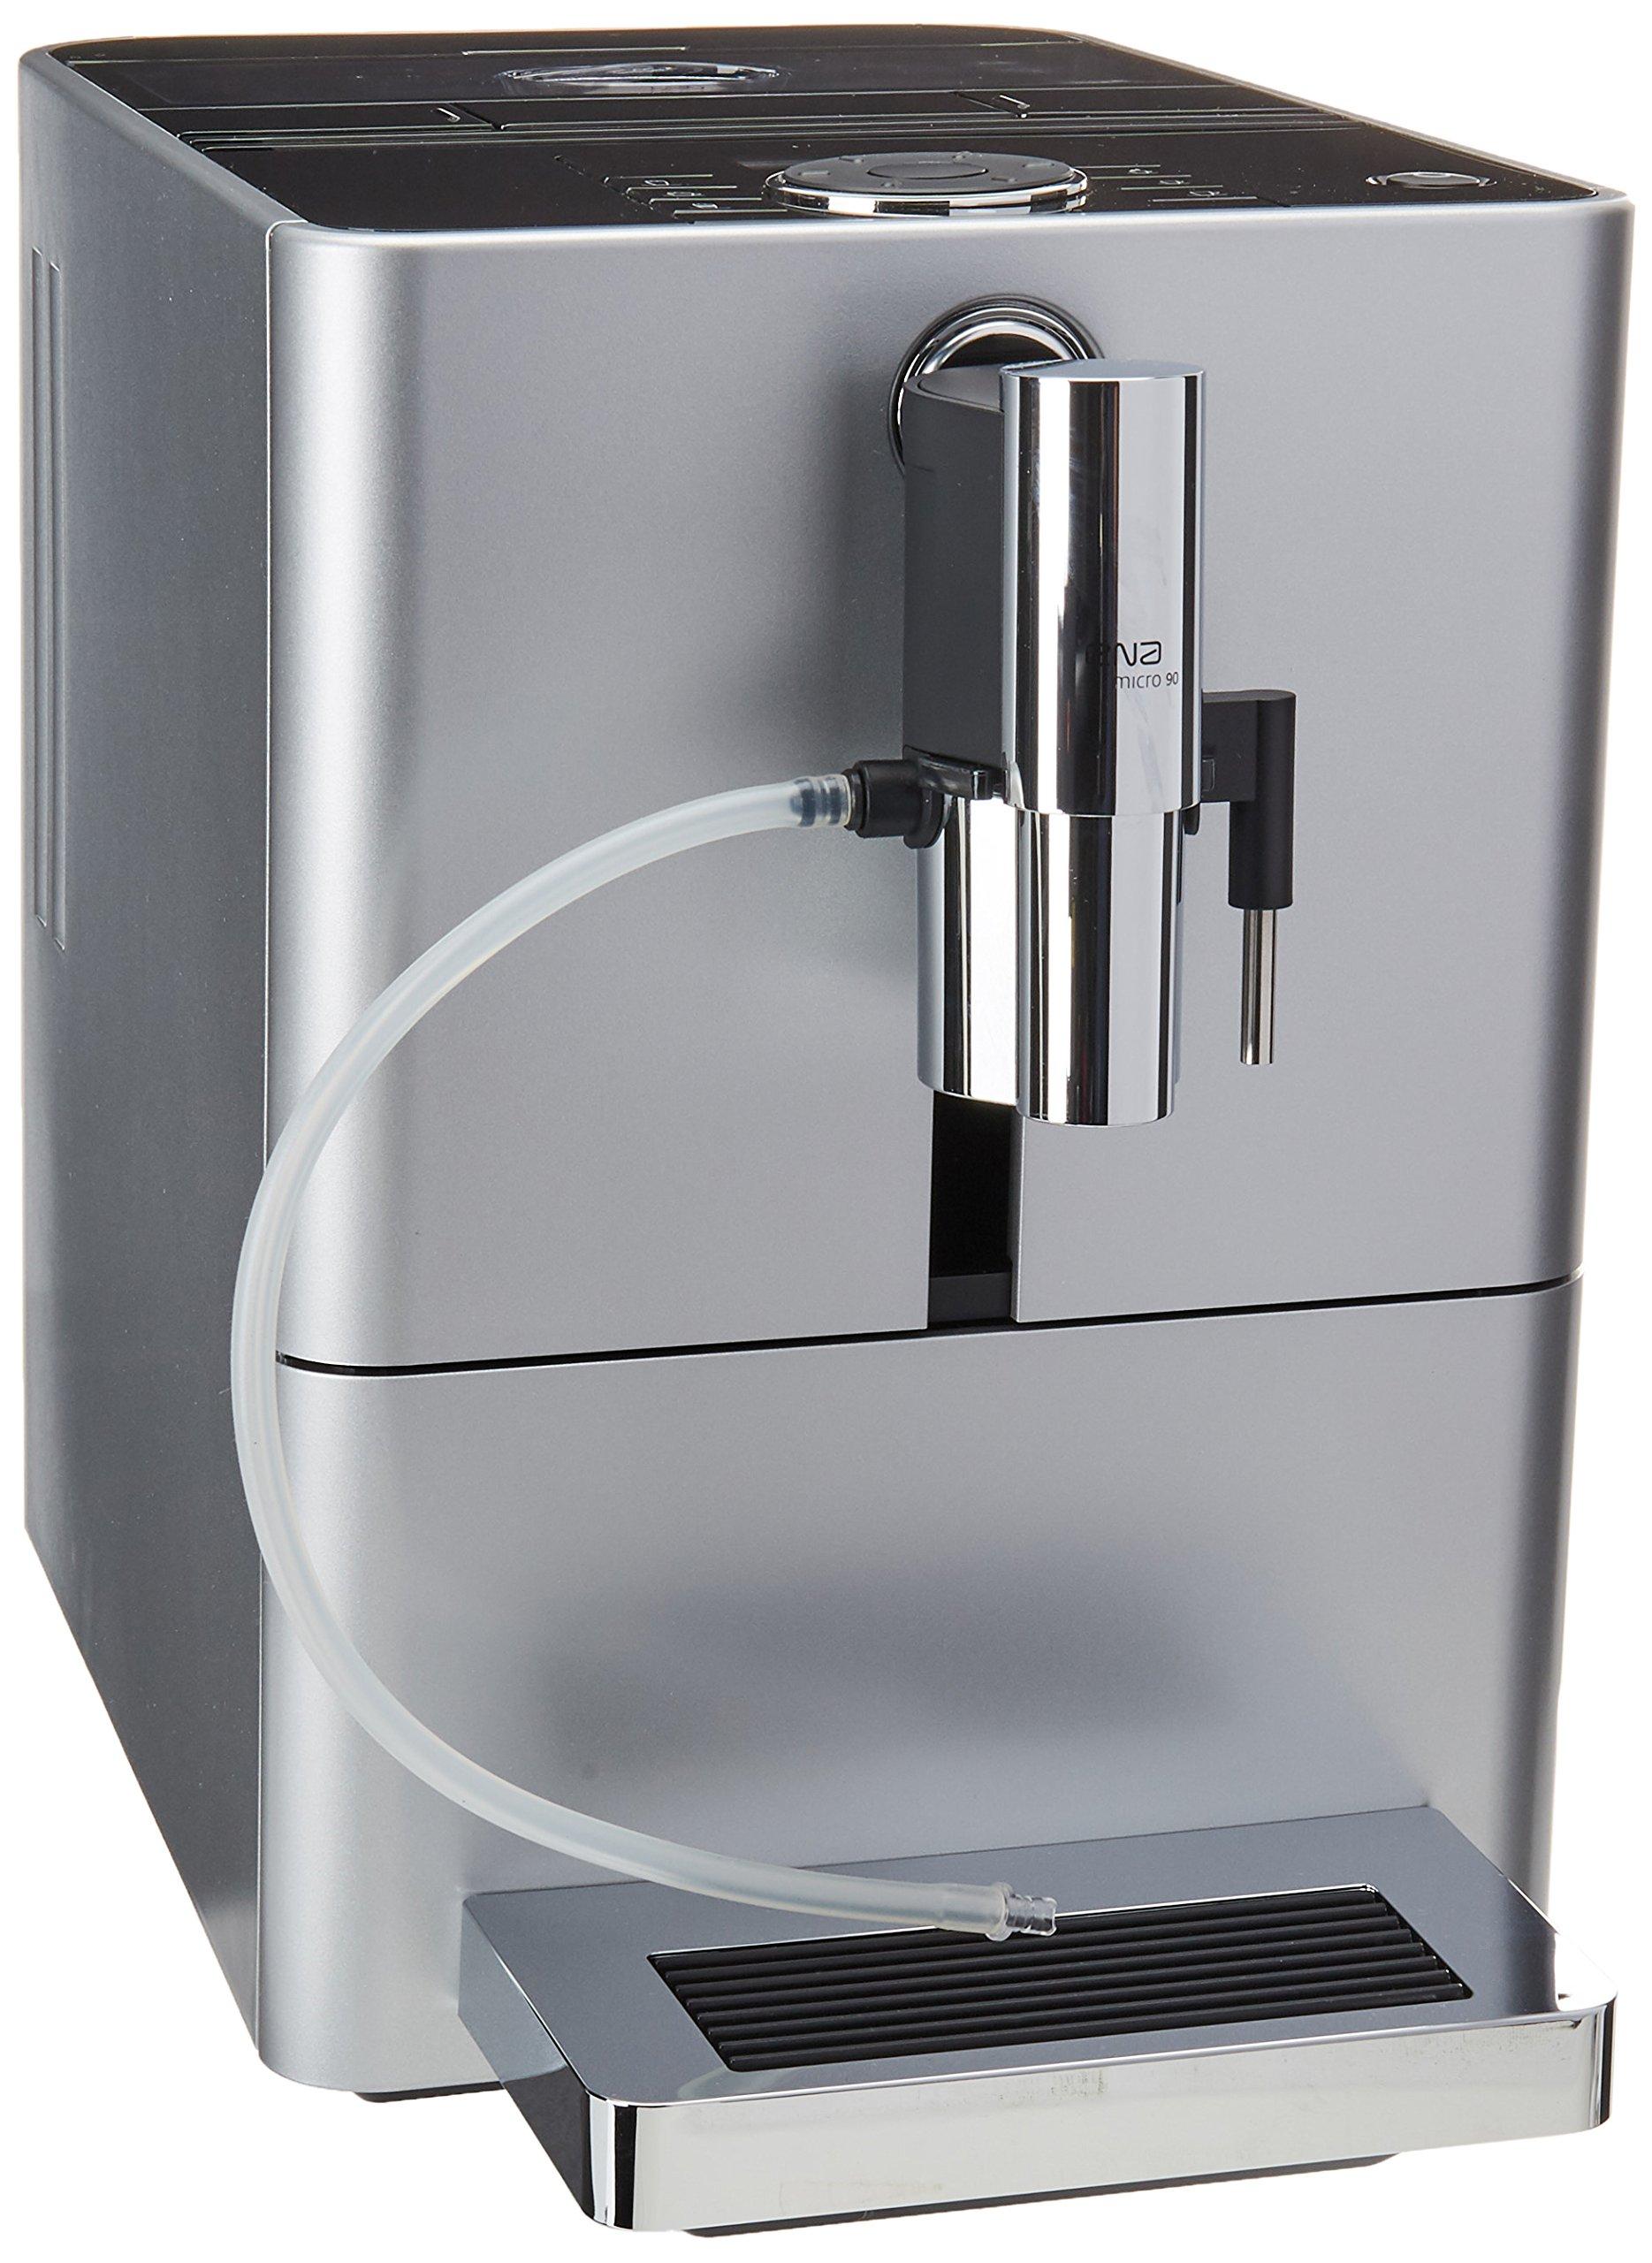 Jura 15116 ENA Micro 90 Espresso Machine, Micro Silver by Jura